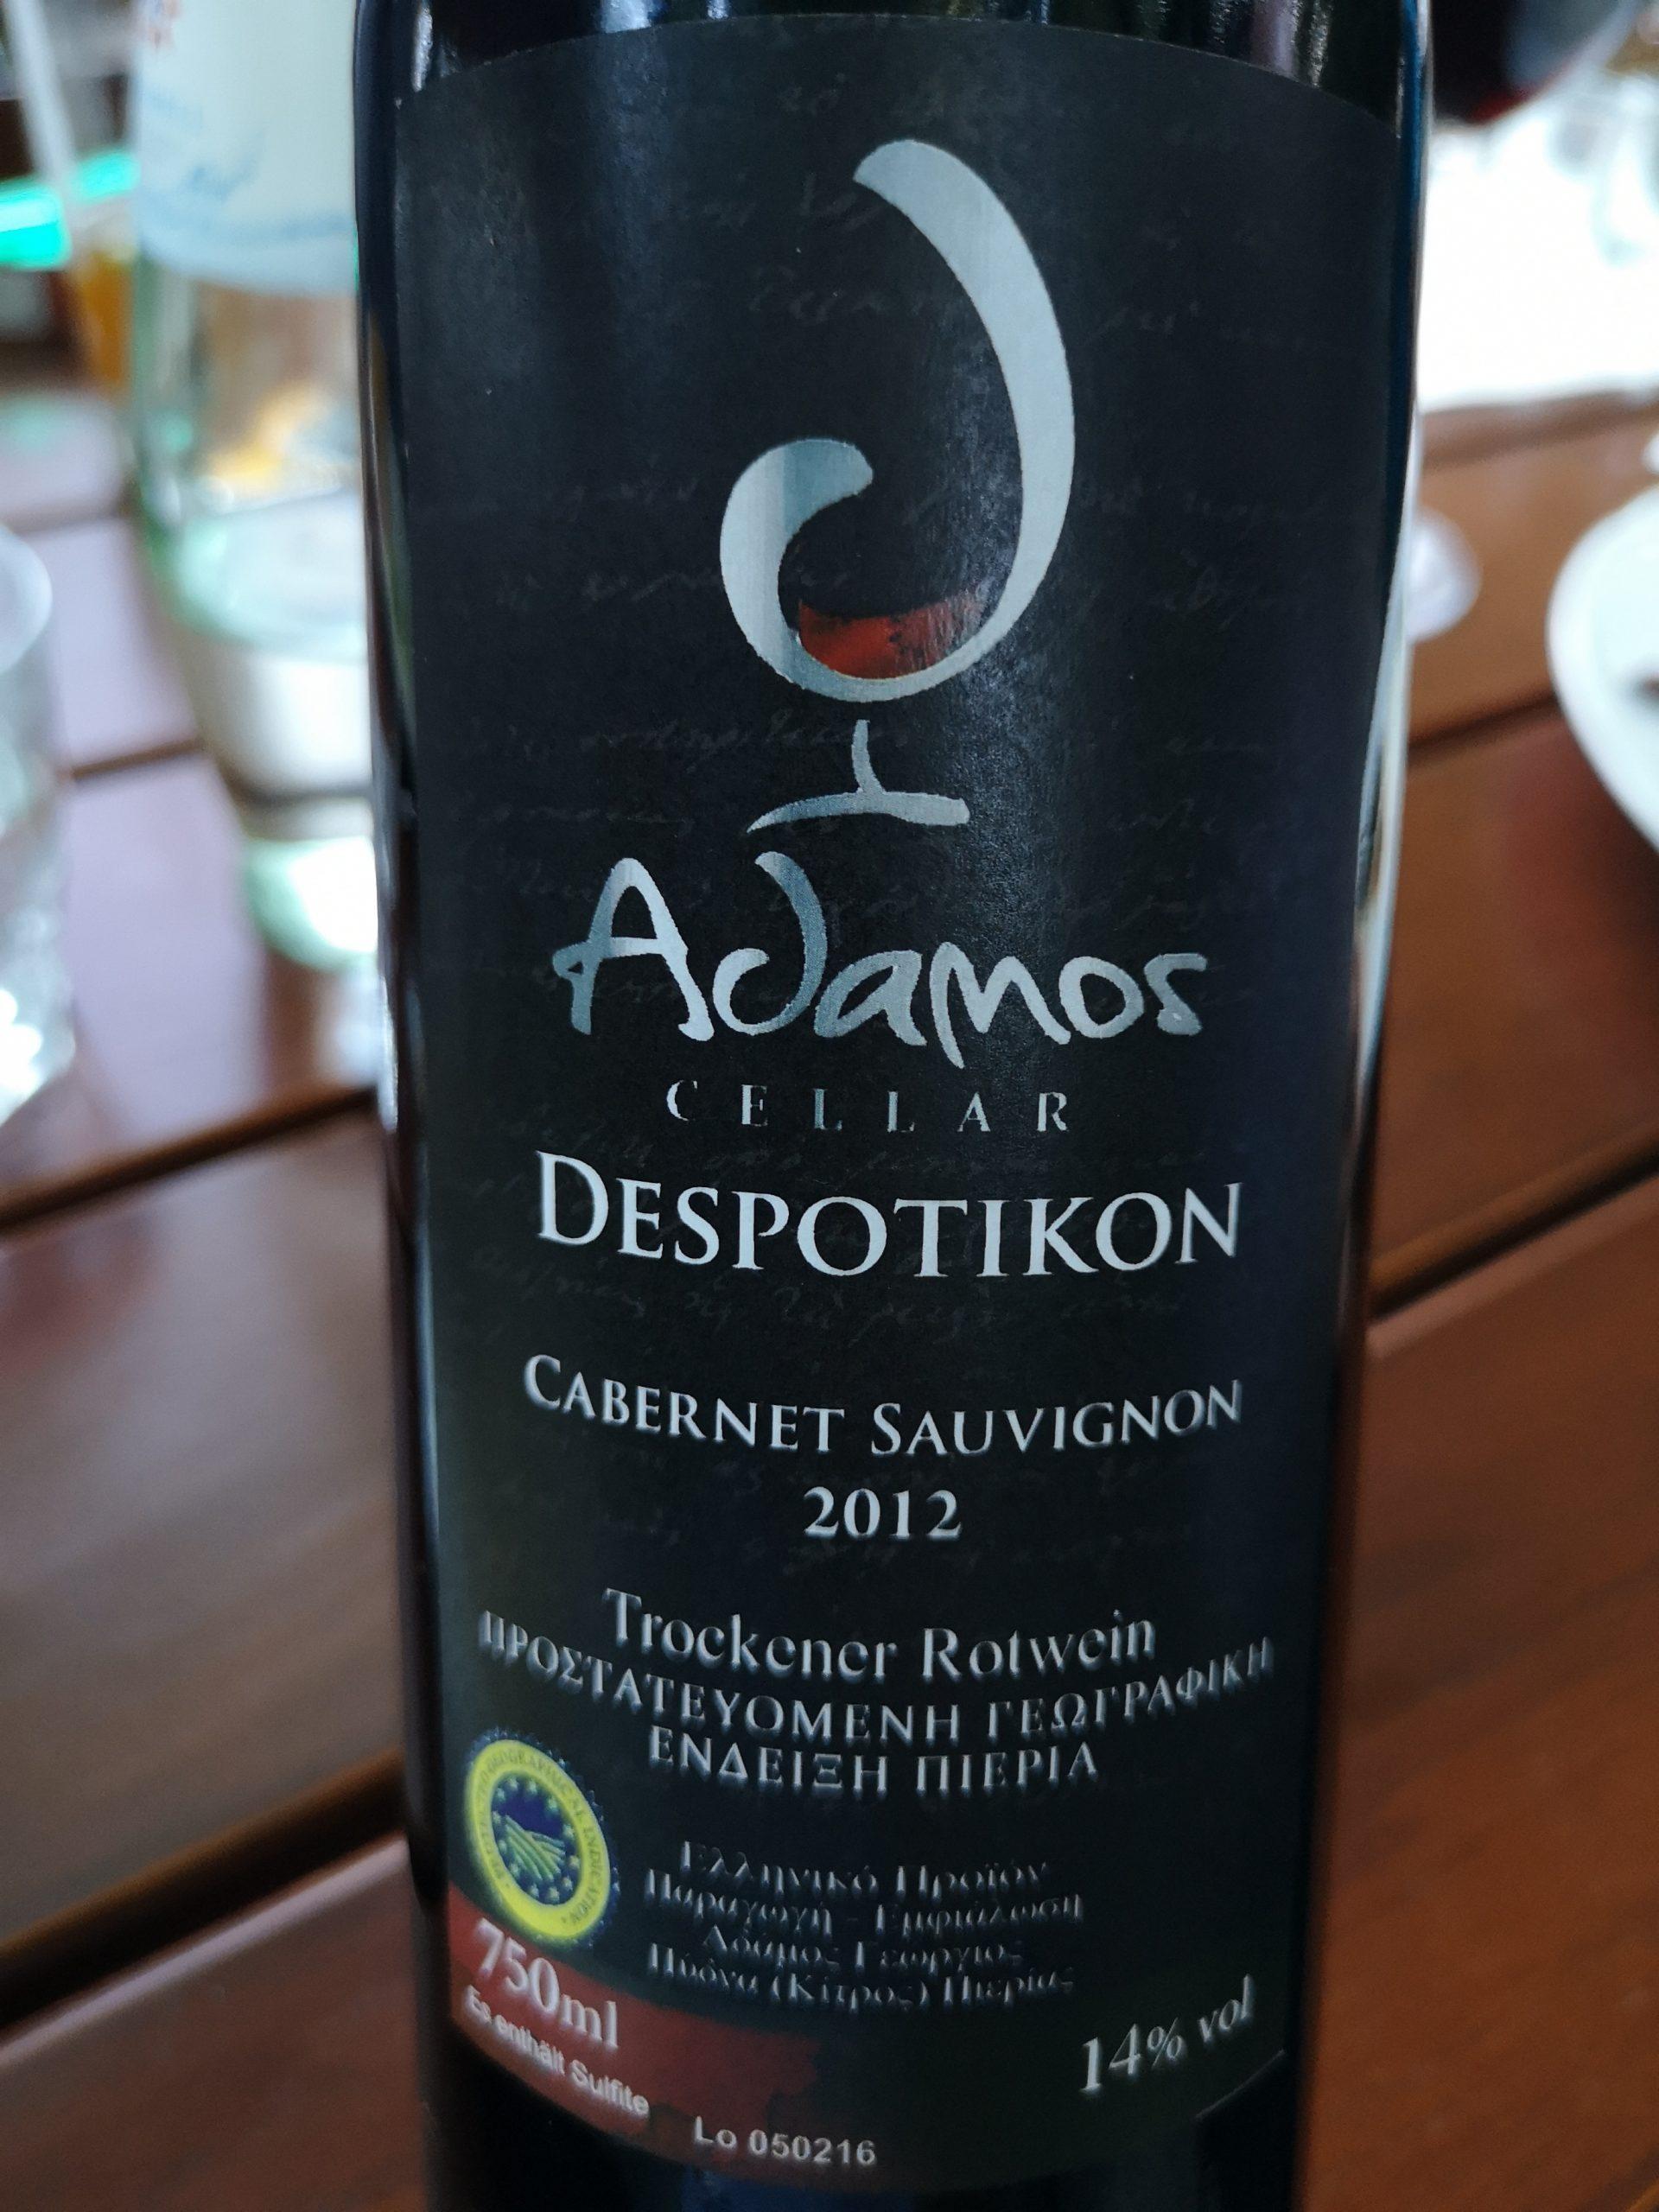 2012 Cabernet Sauvignon Despotikon | Adamos